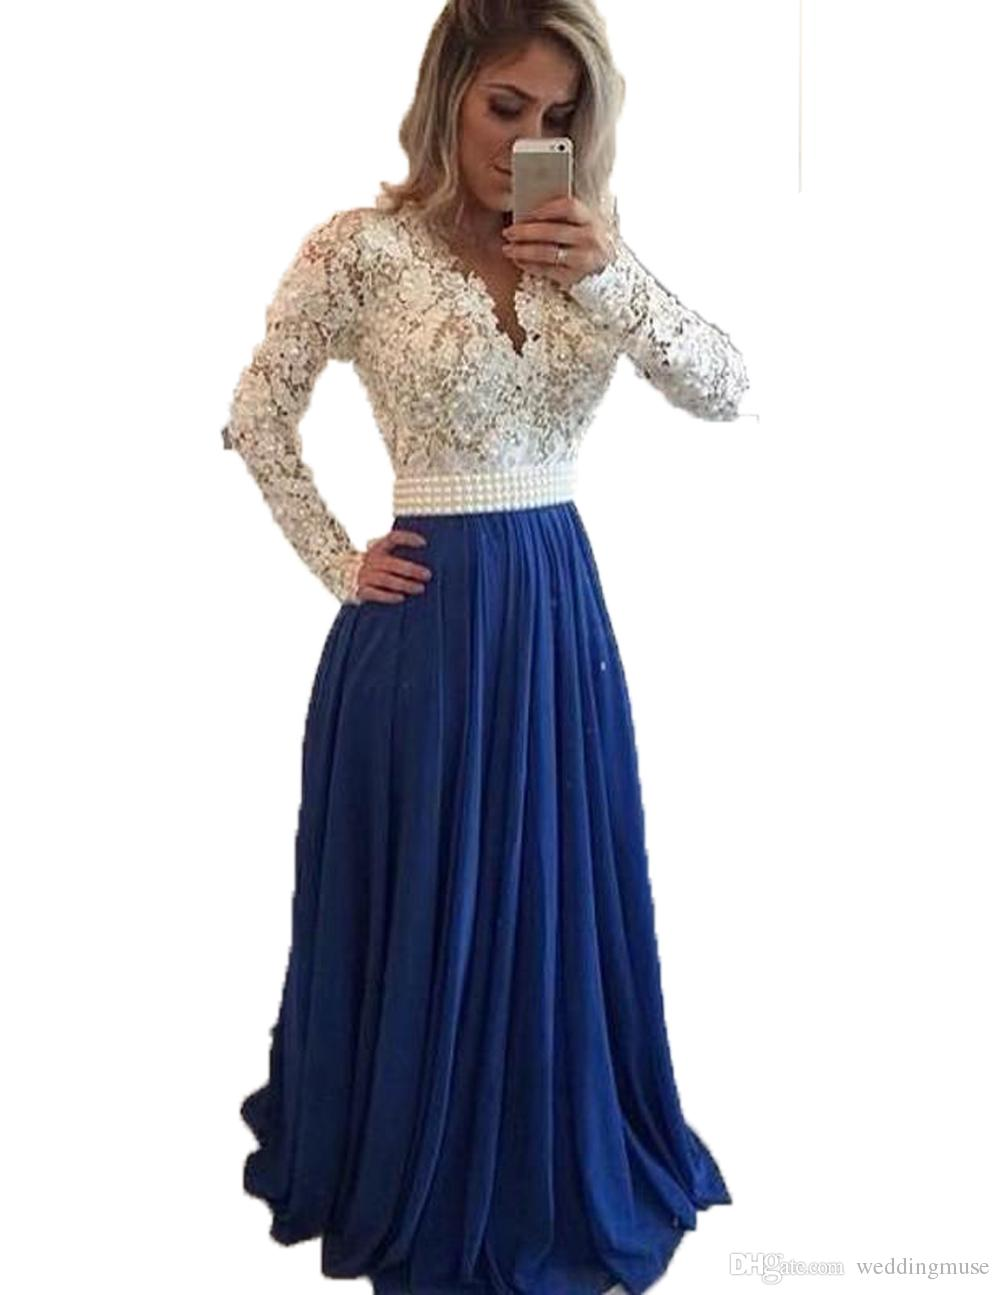 Sıcak 2021 Gelinlik Modelleri Uzun Kollu Dantel Inci Boncuklu Mavi Abiye Bir Çizgi Örgün Parti Elbise Uzun Akşam Ucuz Pageant Törenlerinde